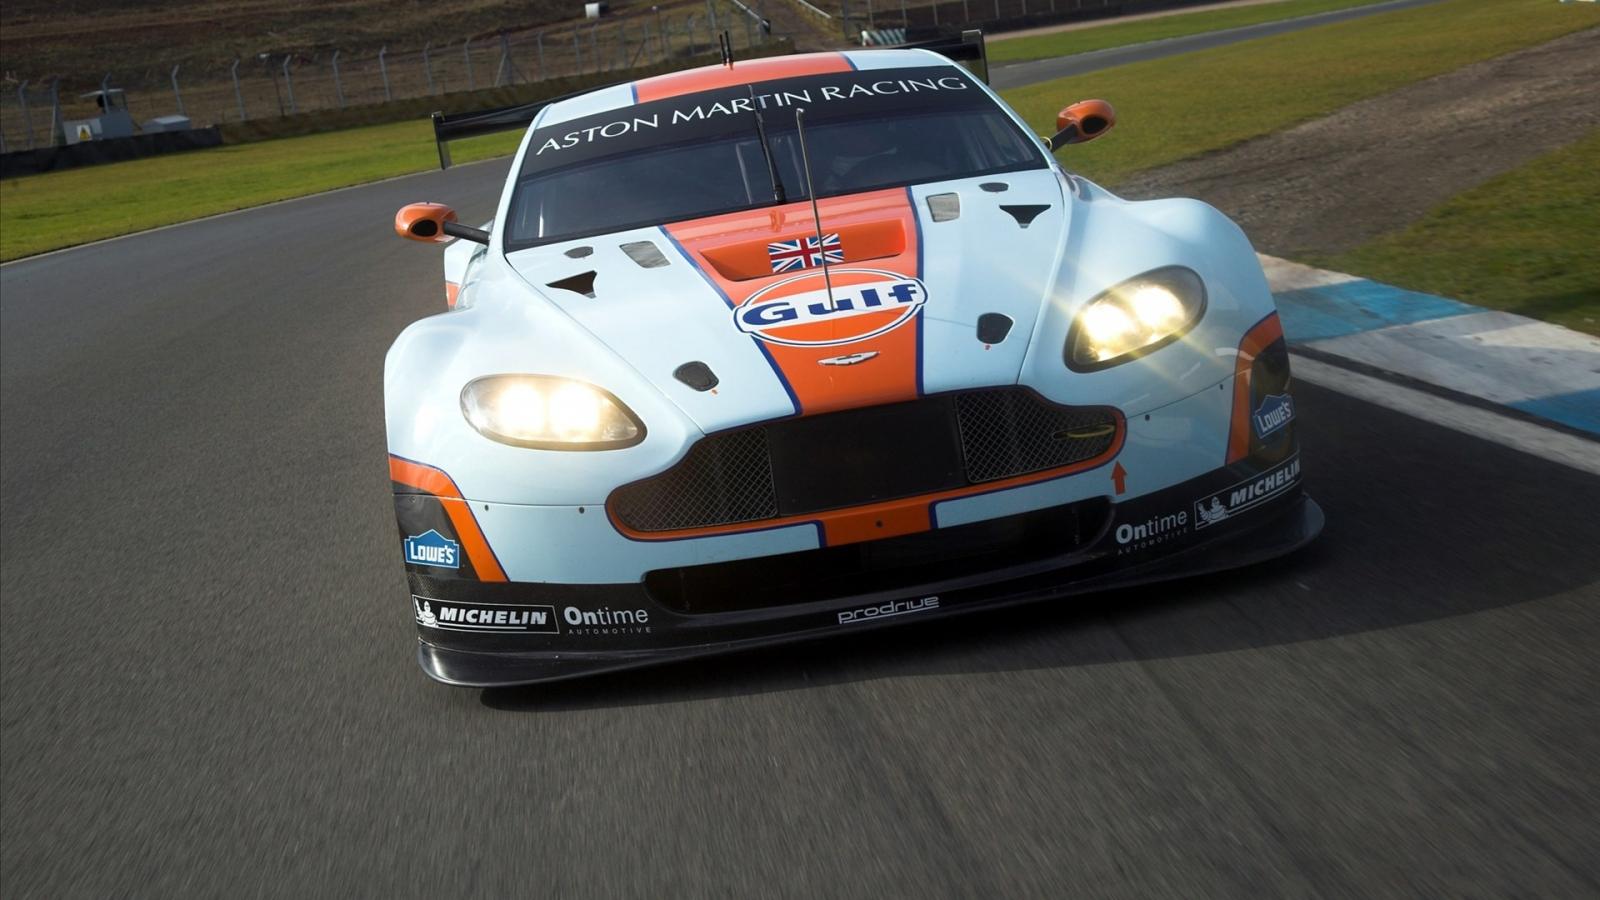 Aston Martin de carreras - 1600x900